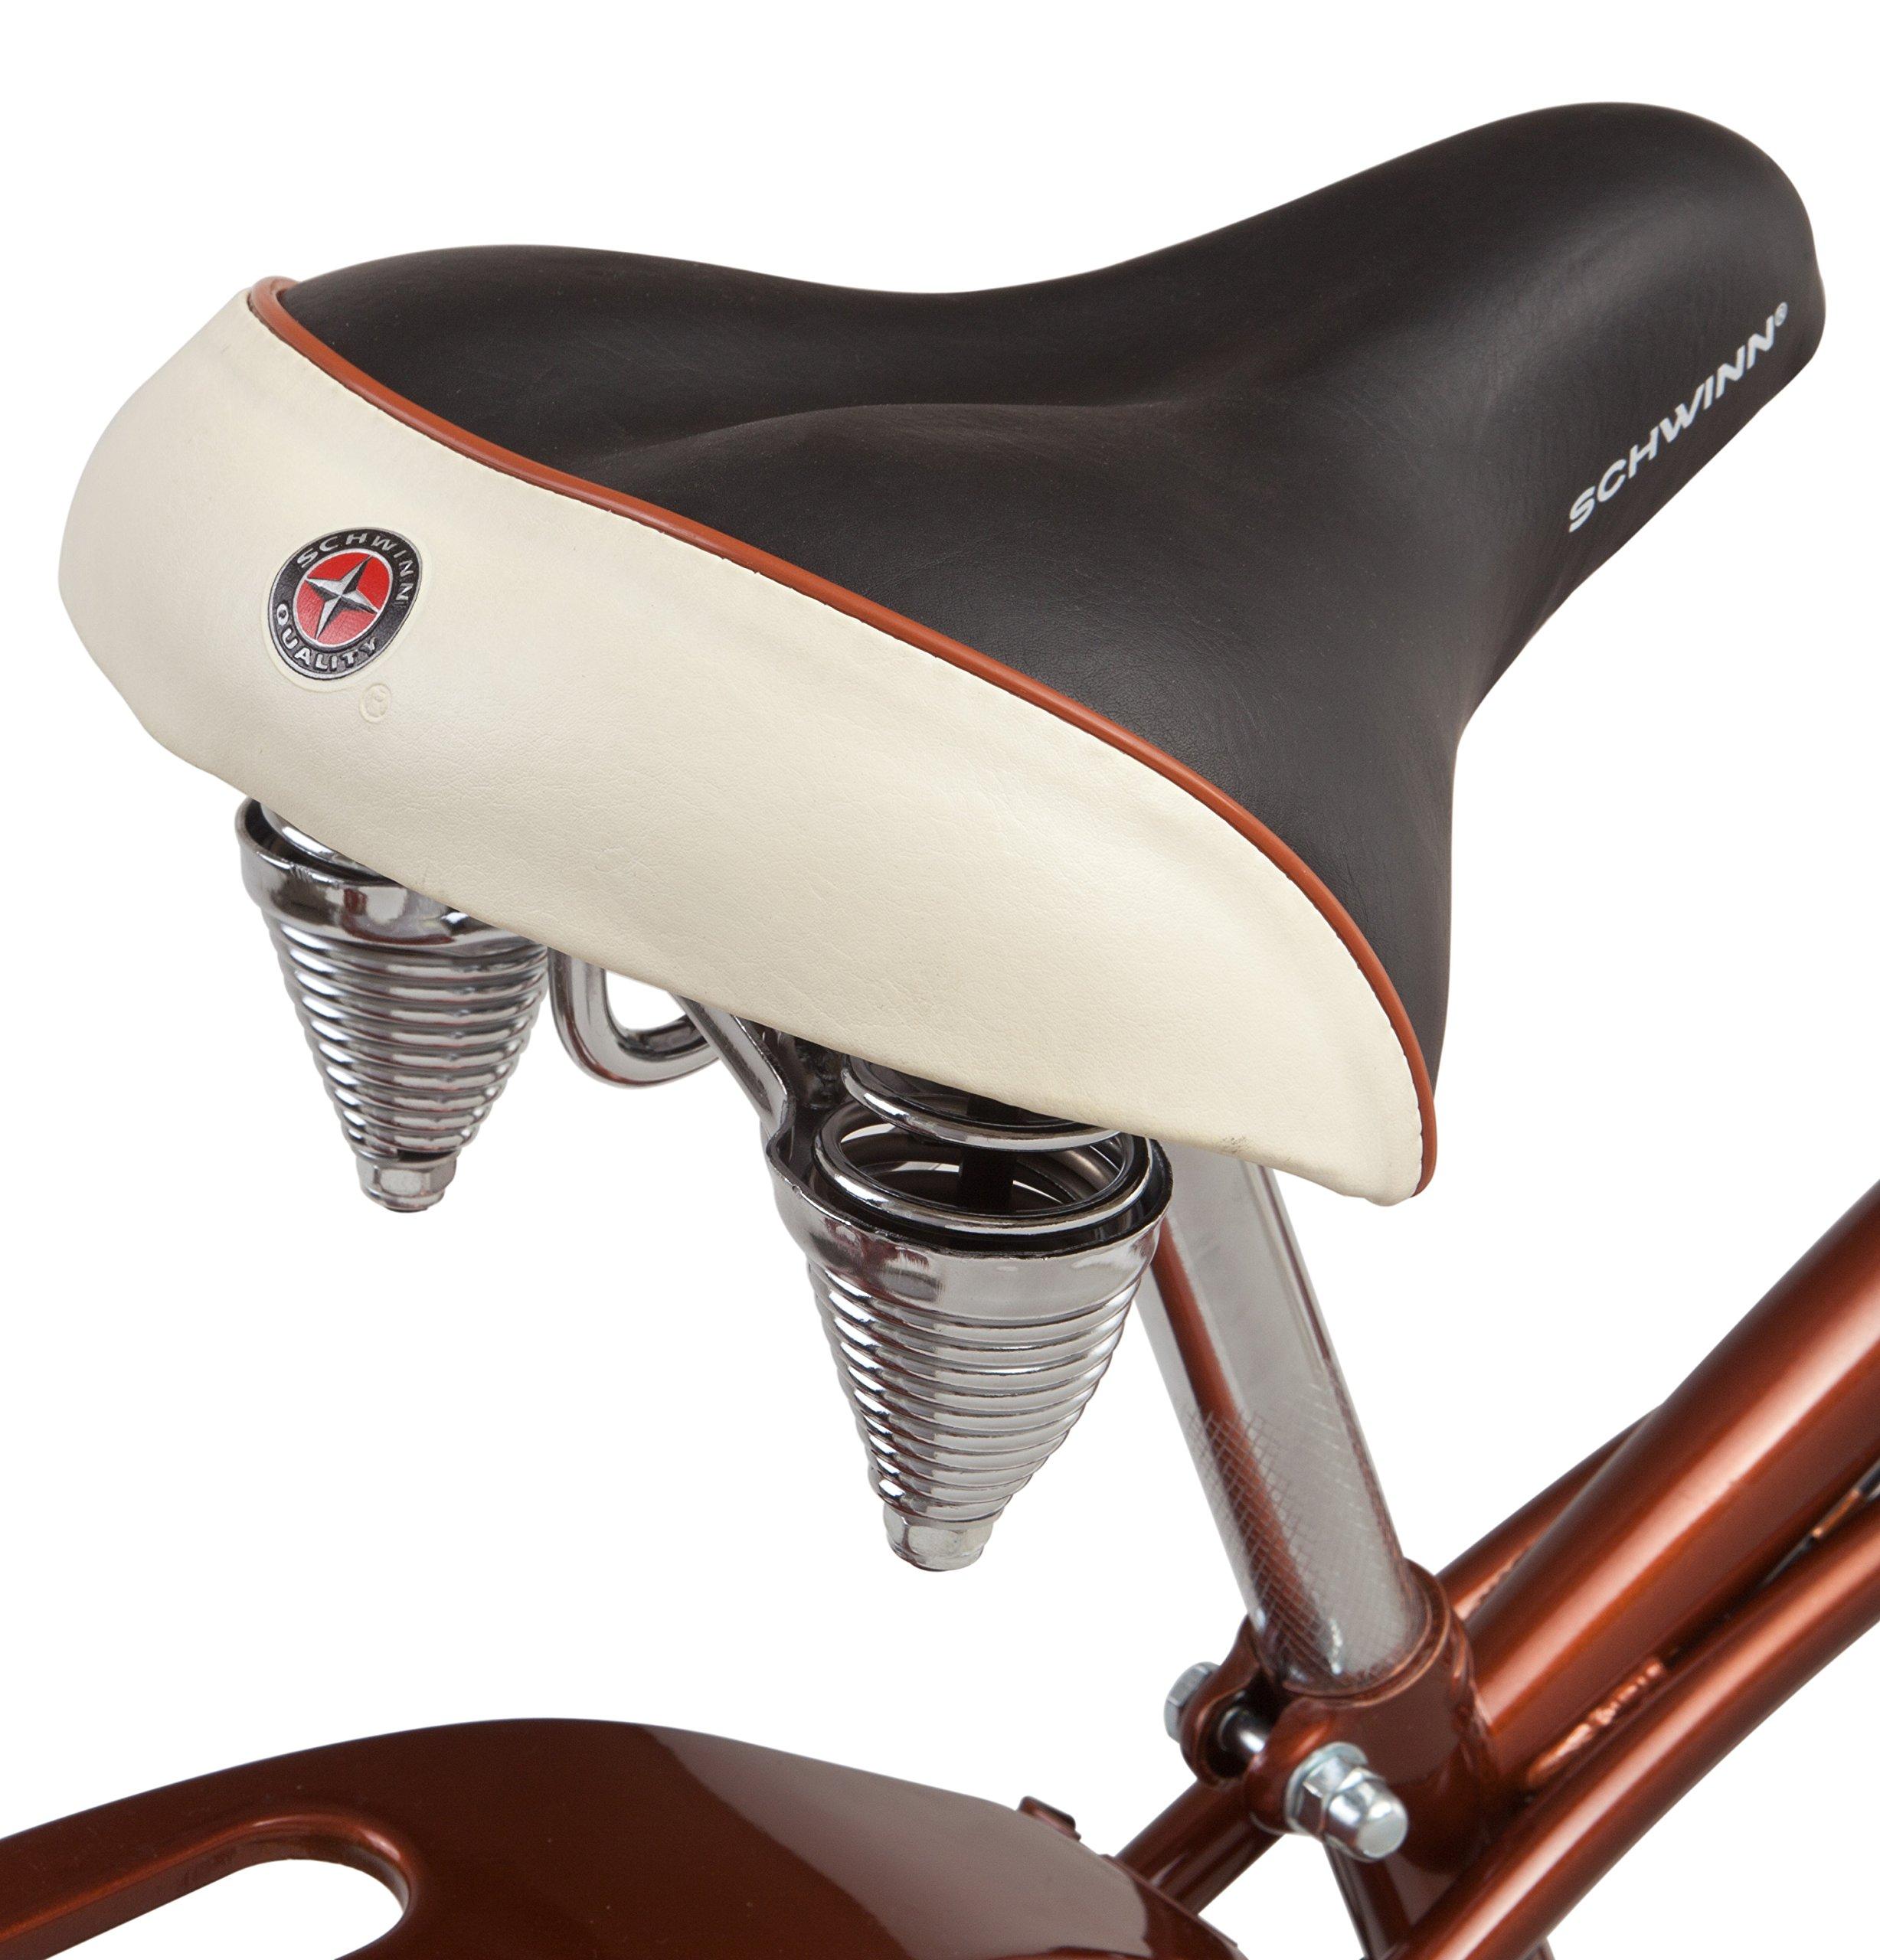 Schwinn Men's Sanctuary 7-Speed Cruiser Bicycle (26-Inch Wheels), Cream/Copper, 18 -Inch by Schwinn (Image #4)